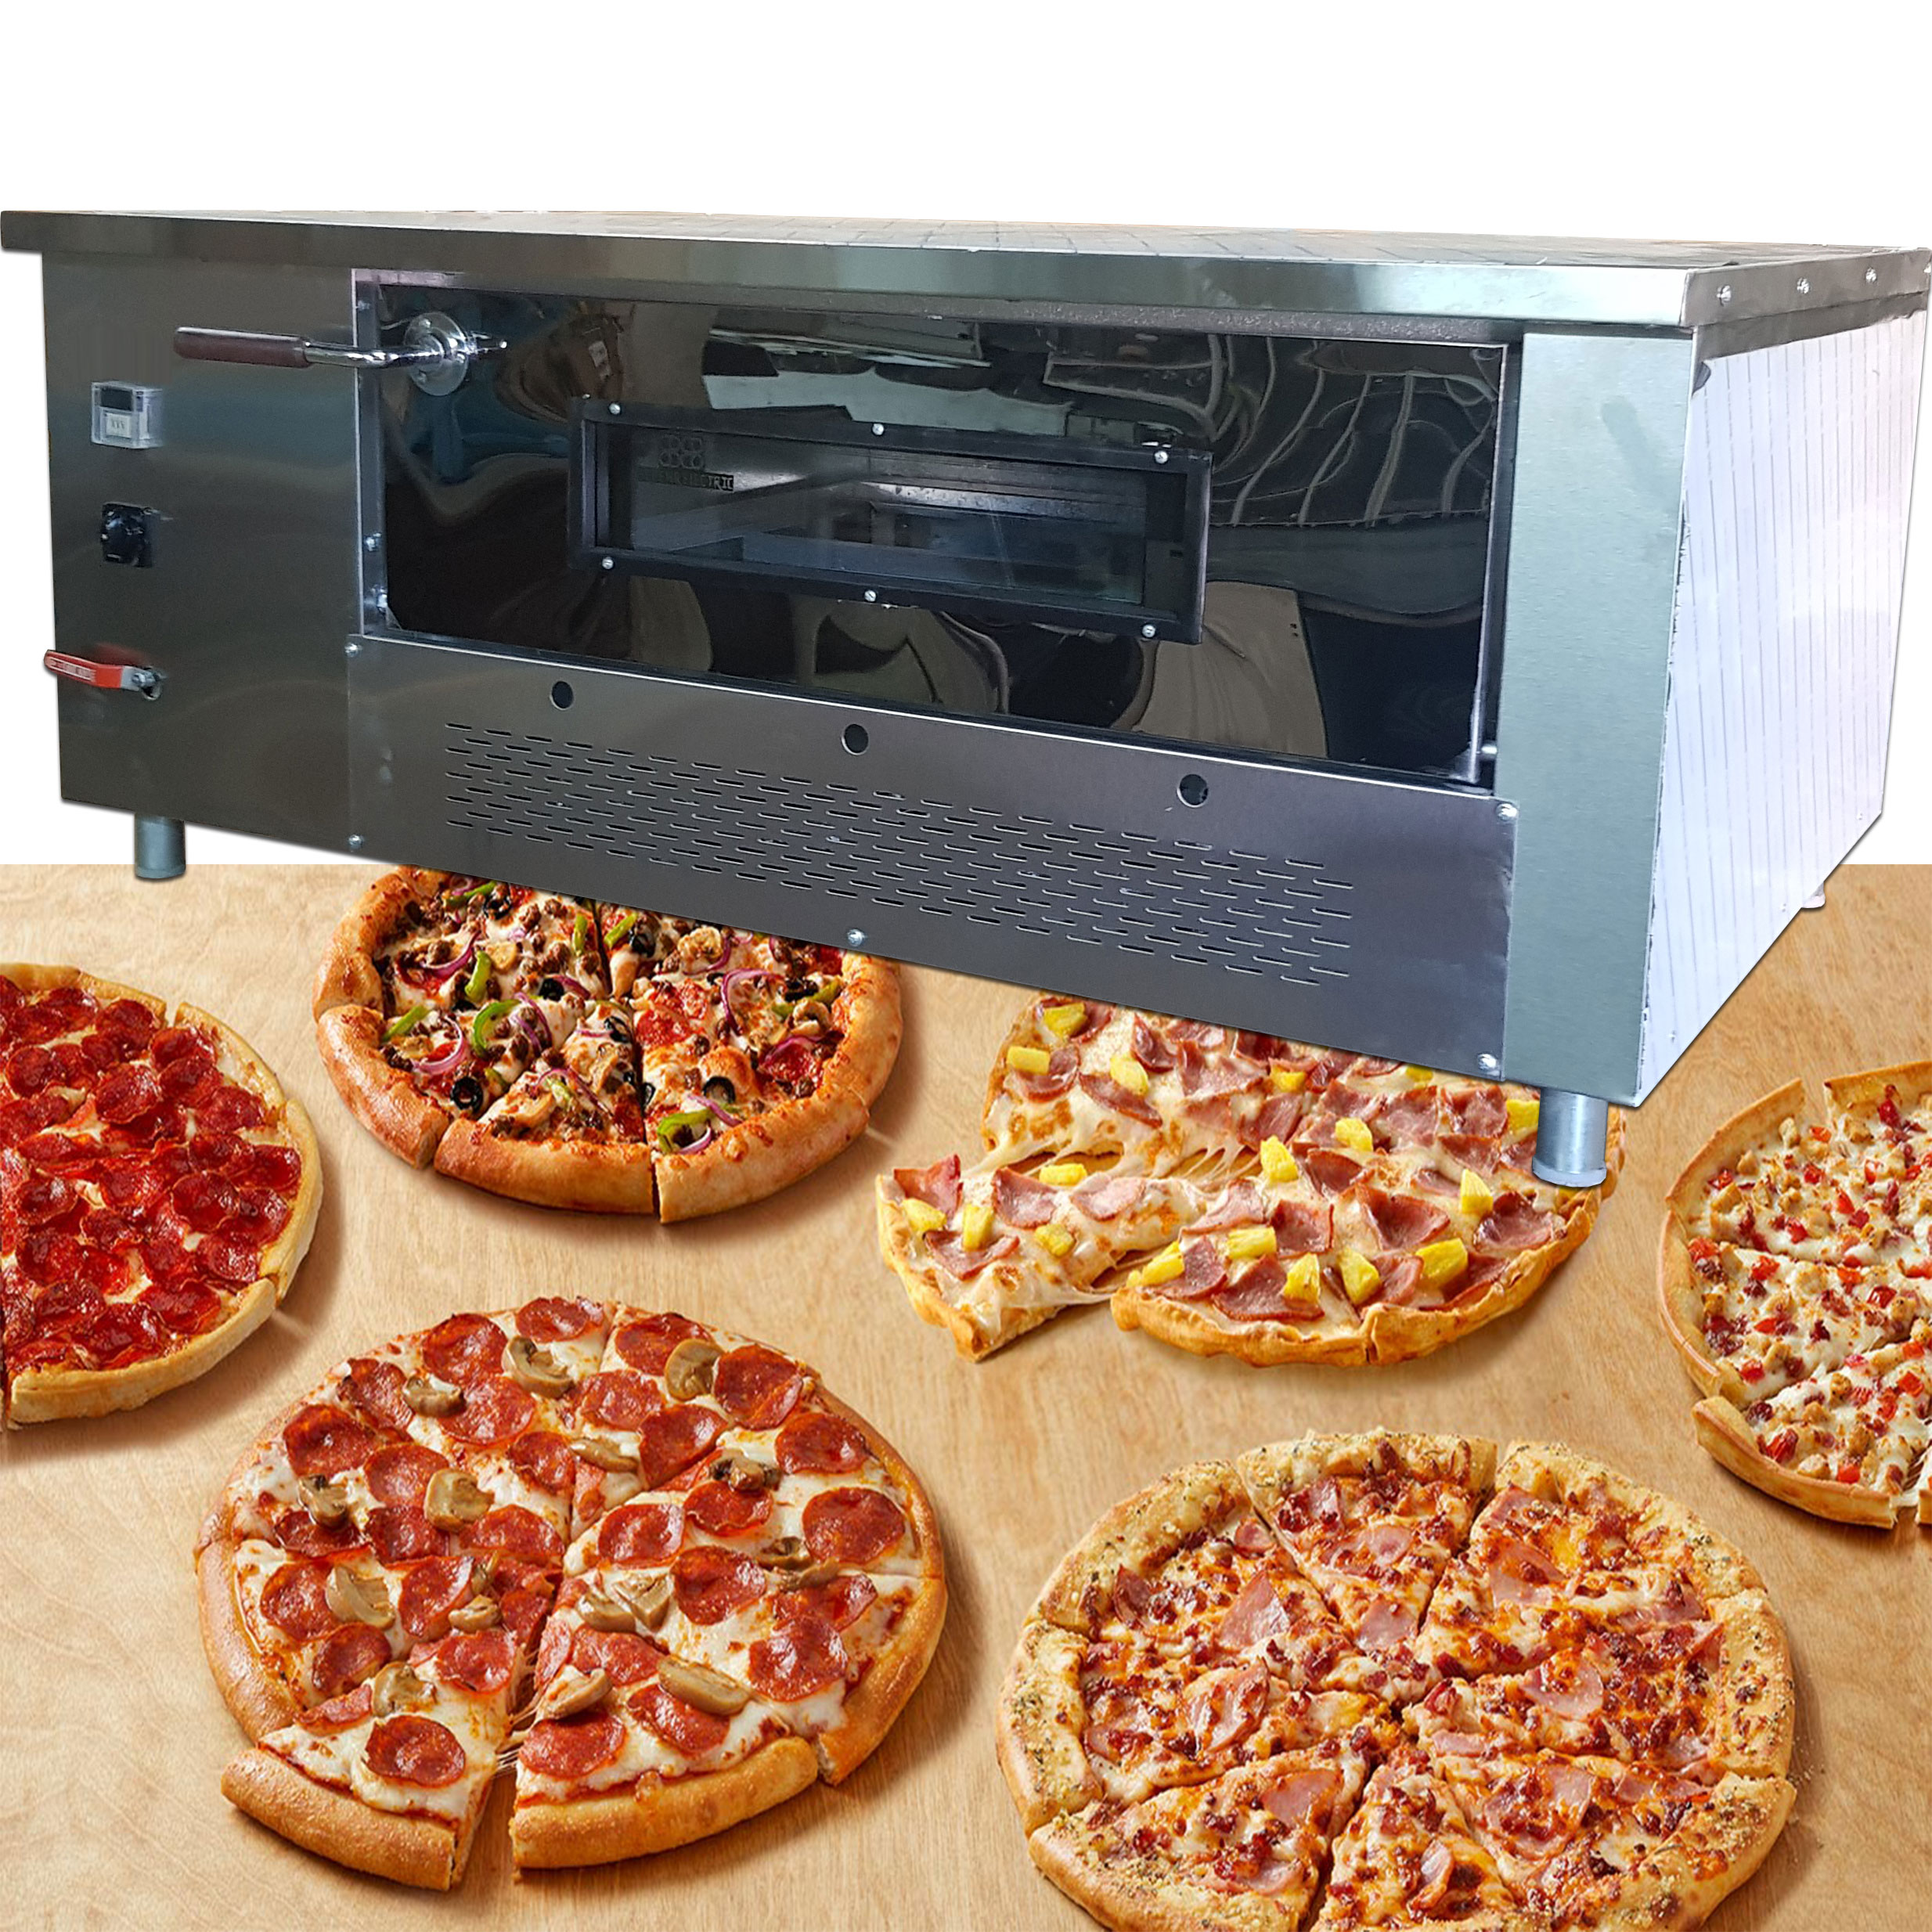 زمان پخت پیتزا در فر صندوقی